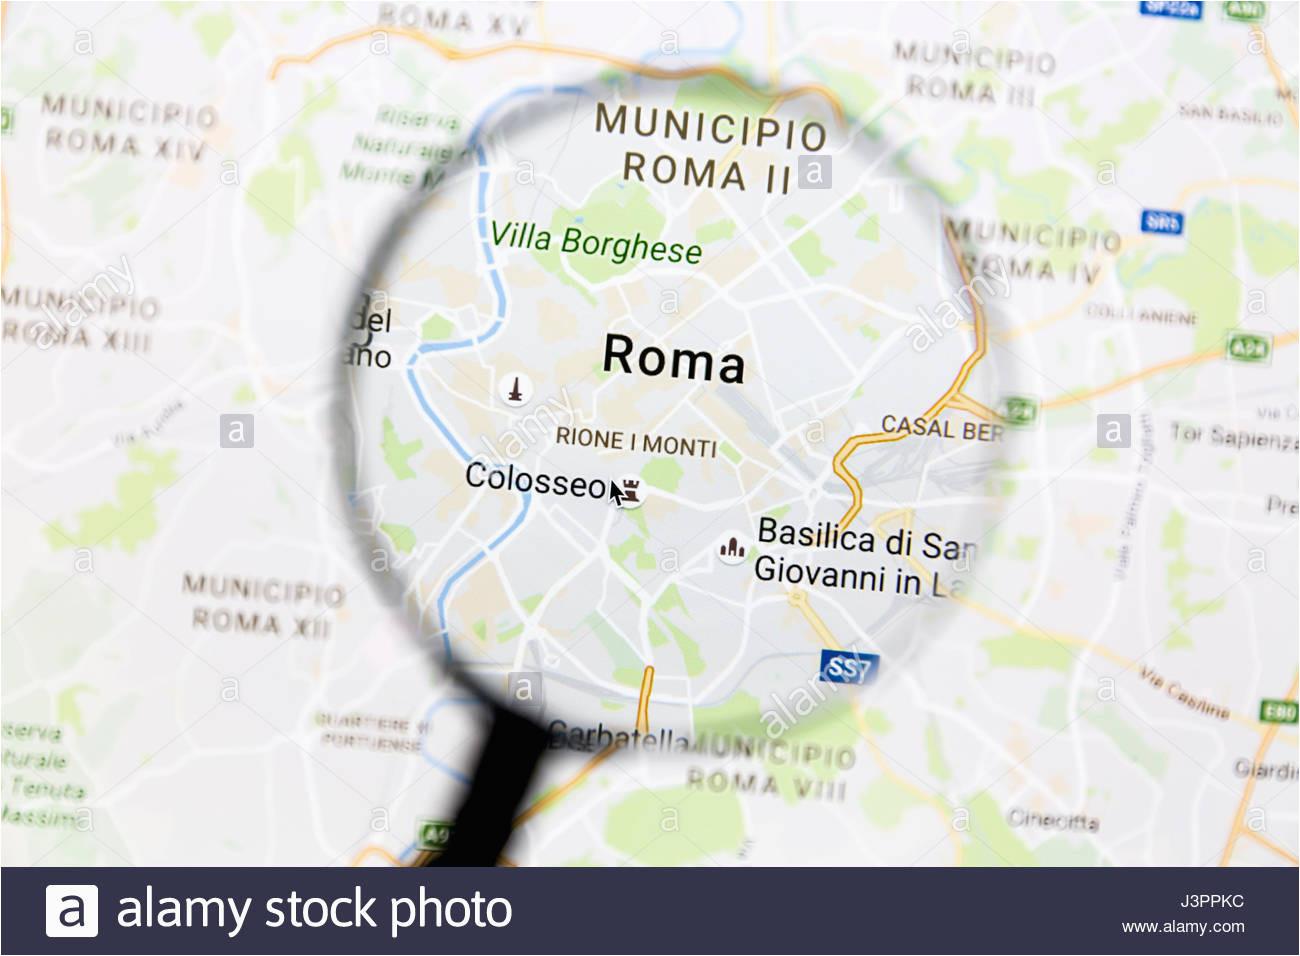 italy italian road maps stock photos italy italian road maps stock